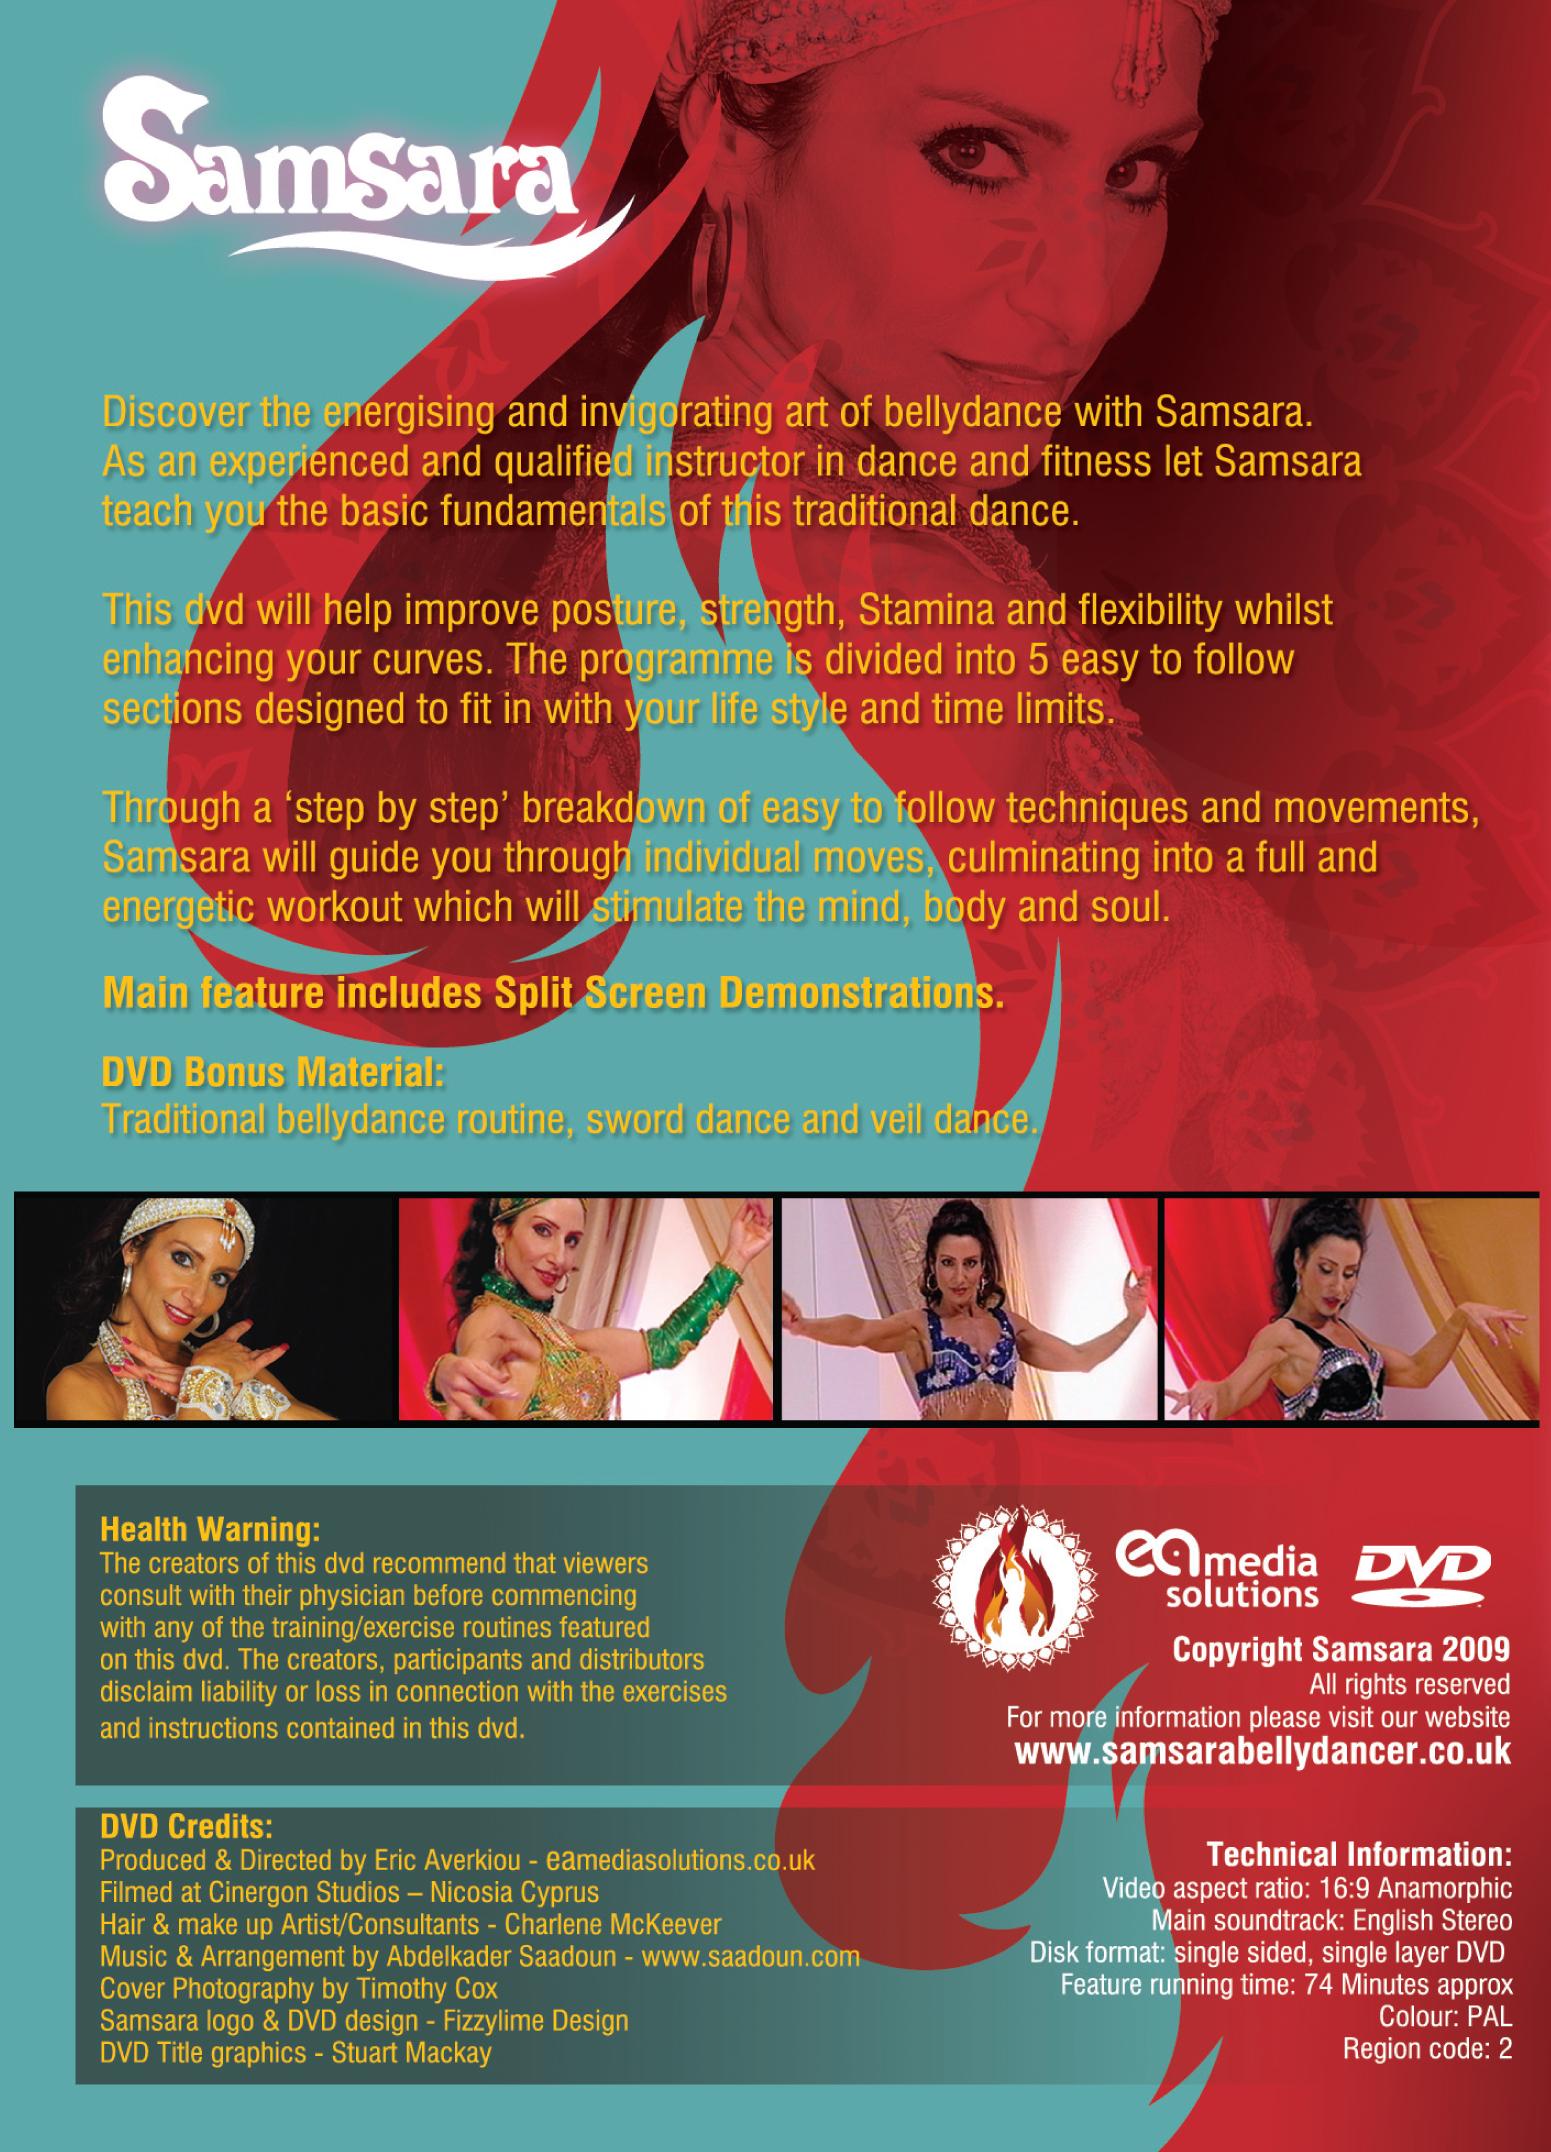 Samsara Bellydance Workout DVD